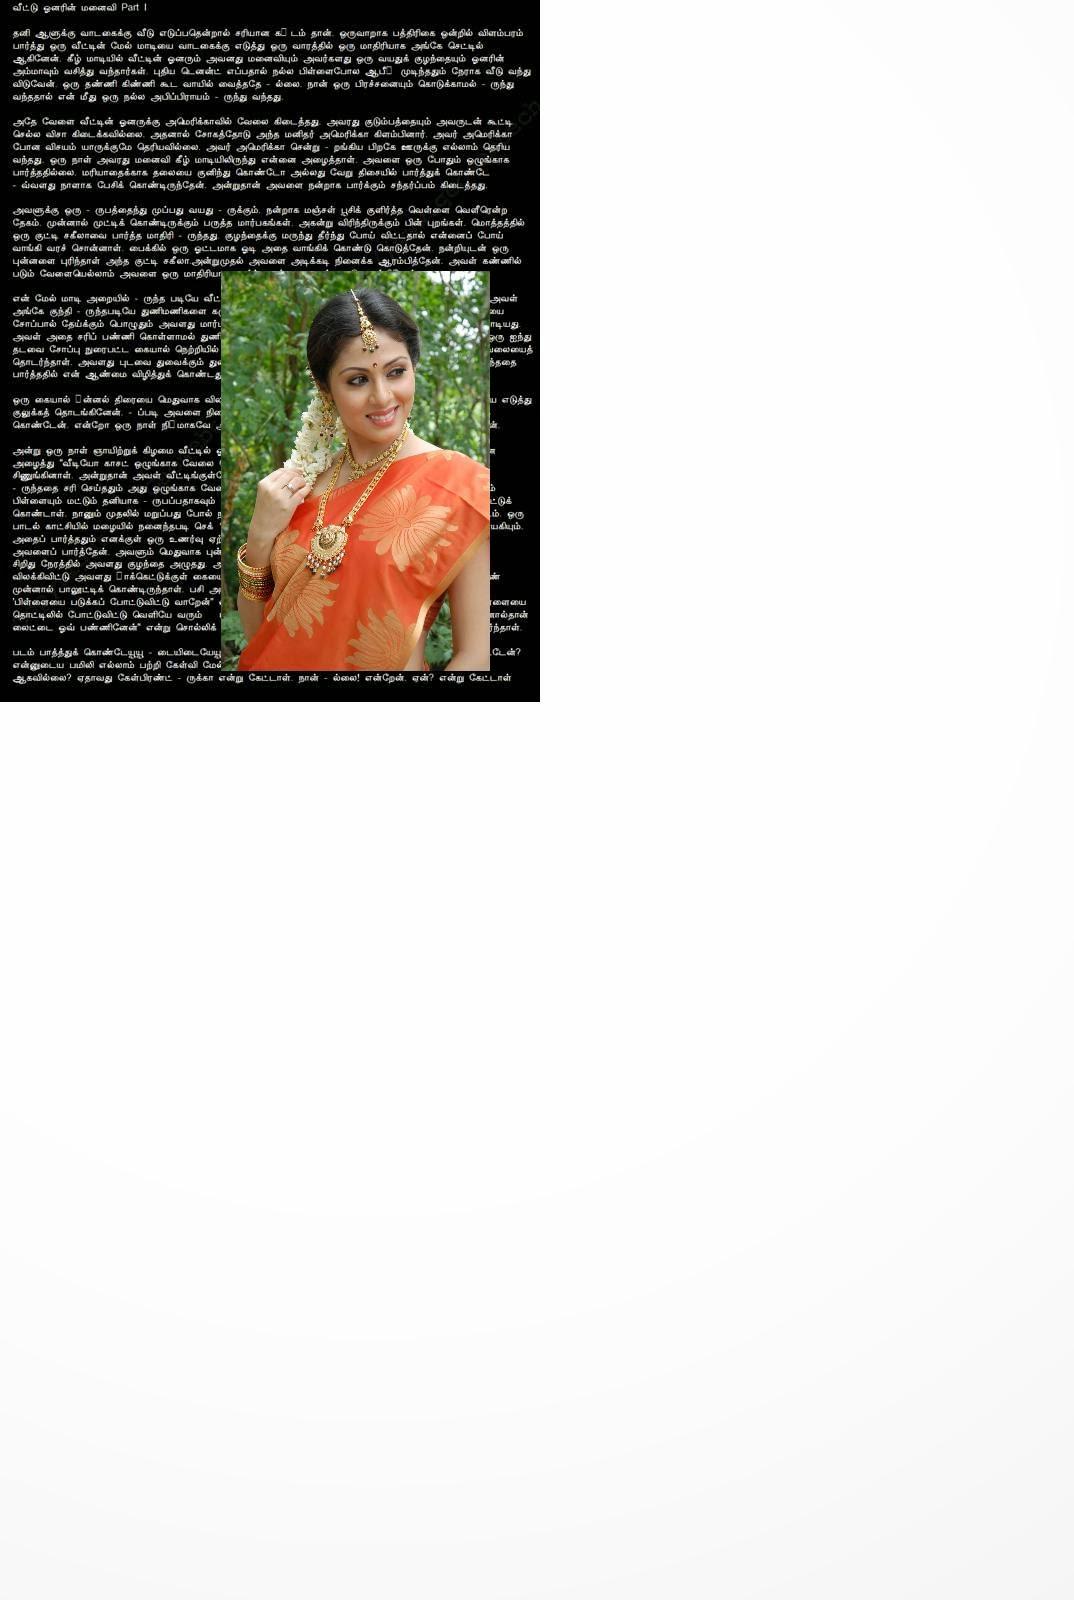 http://kamakathaipdf.blogspot.com/2013/06/tamil-kama-kathai-pdf-kama ...